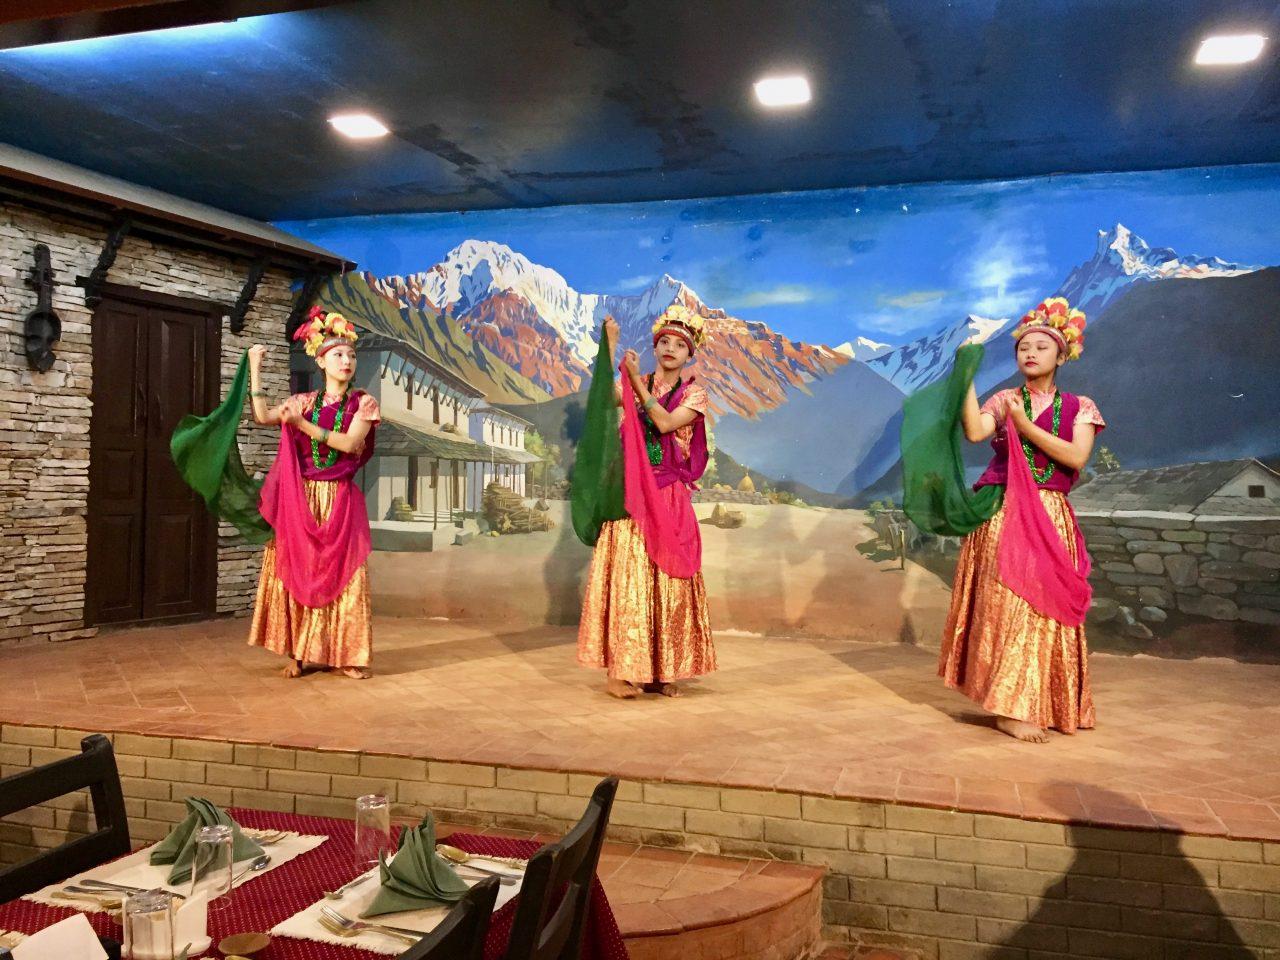 Abschlussessen mit nepalesischer Aufführung